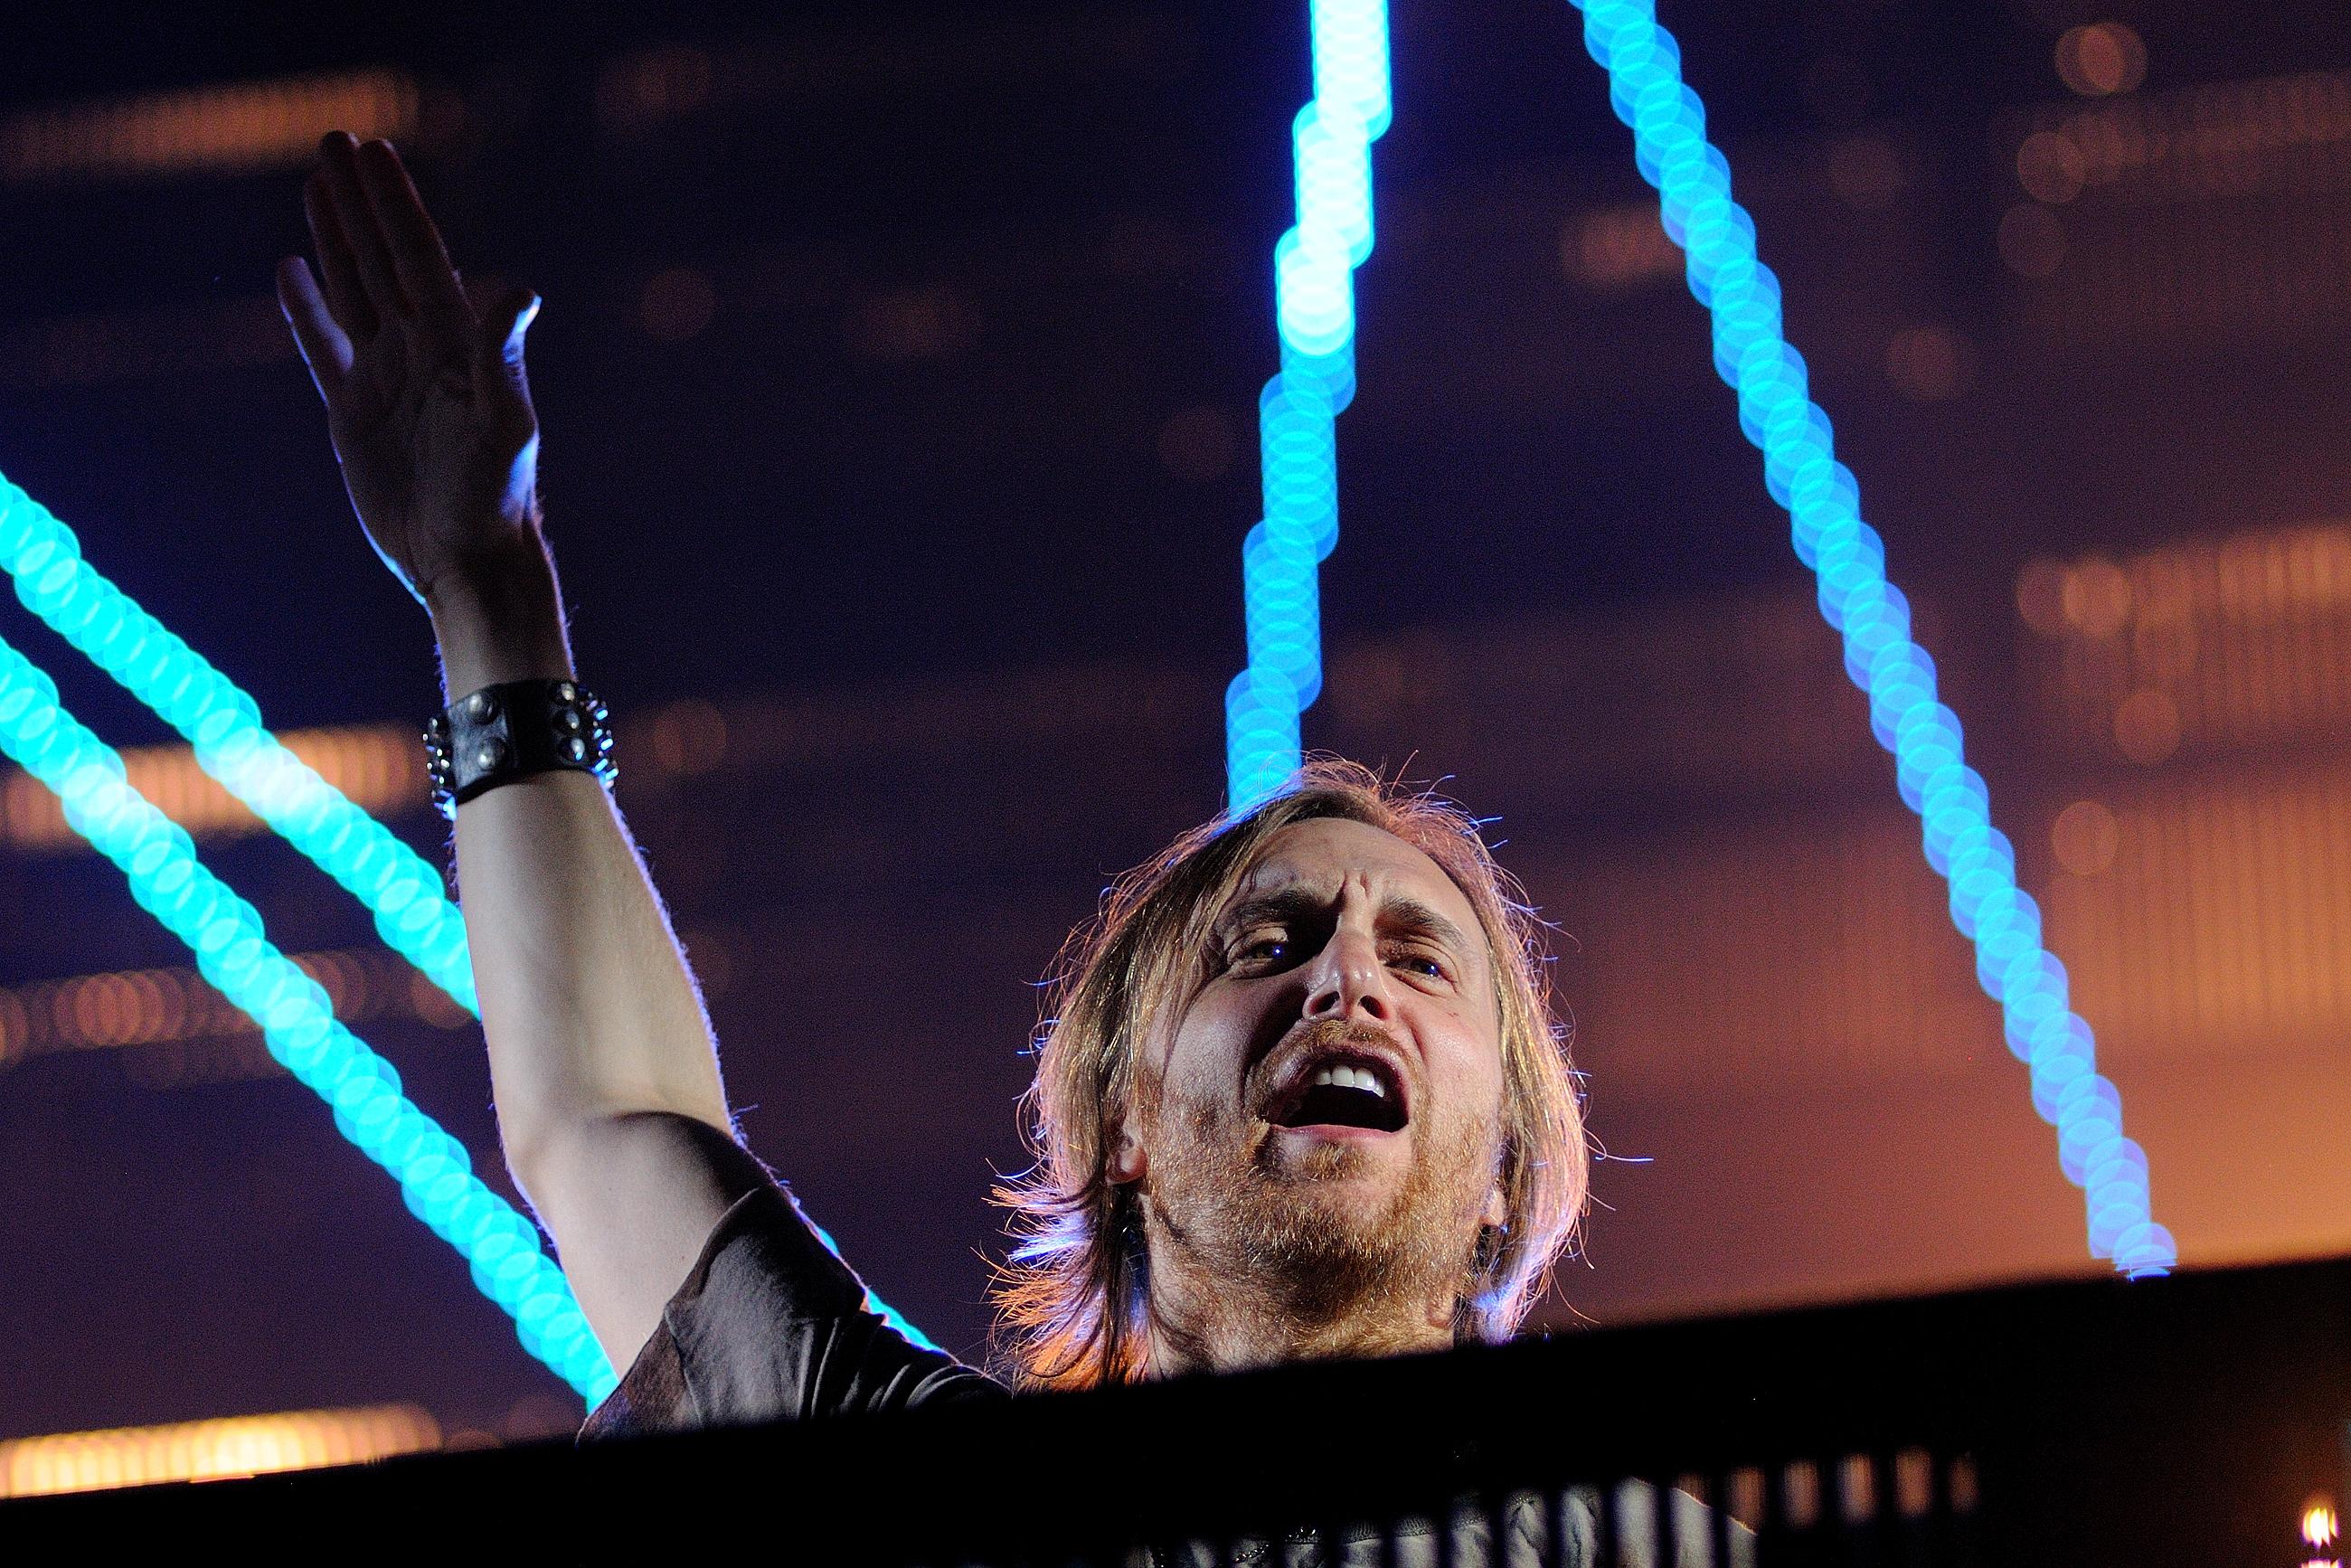 Top 100 cei mai buni DJ din lume. Primul loc, câștigat de David Guetta